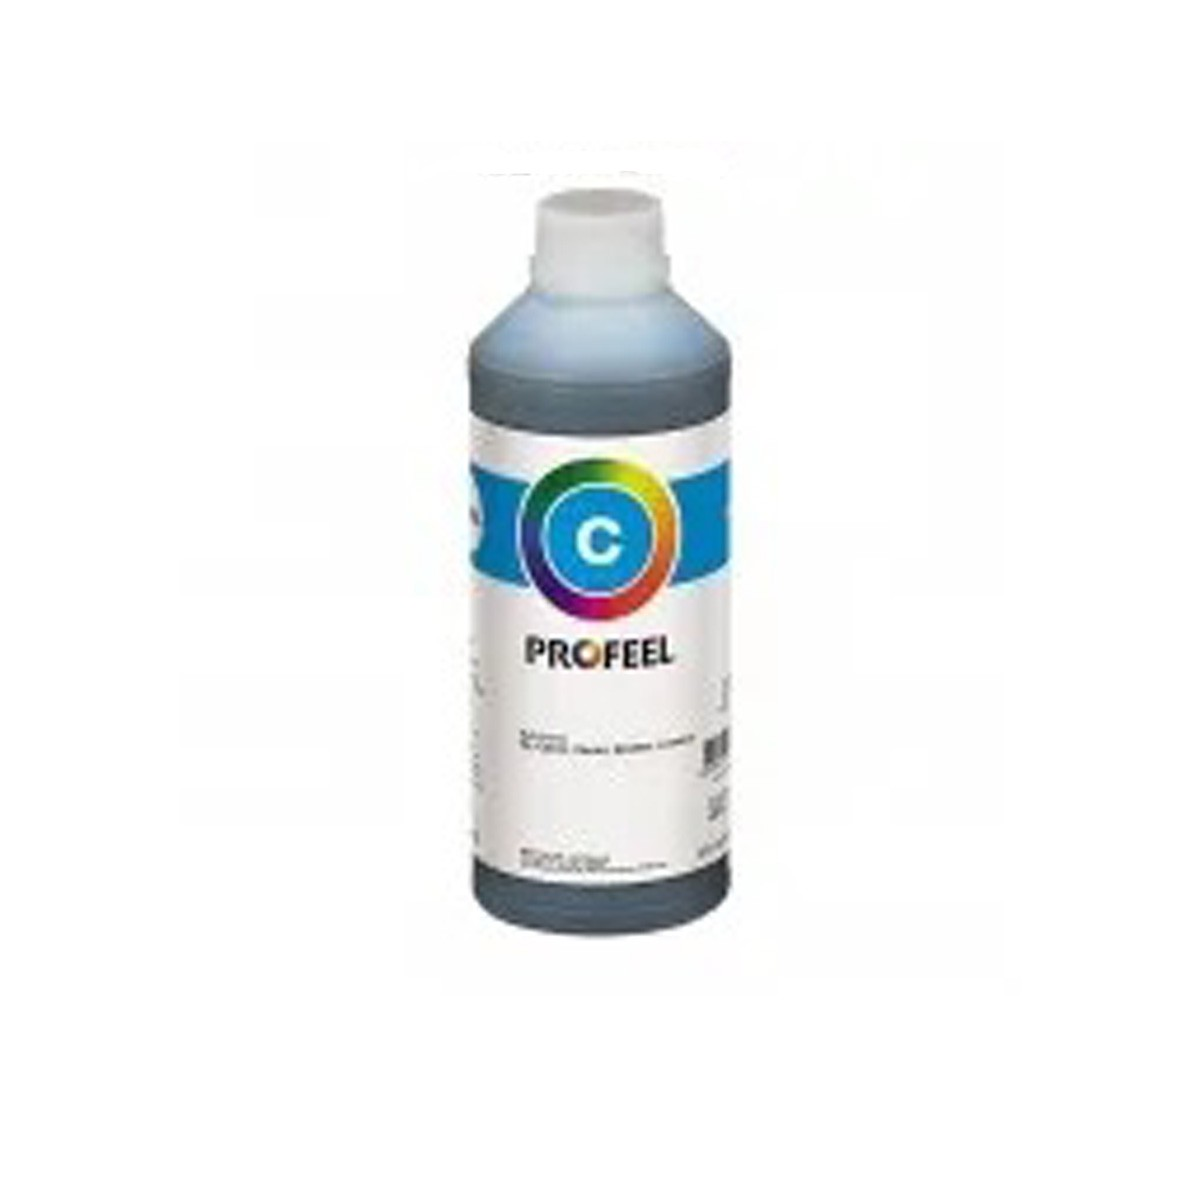 Tinta Cartuchos HP 3000 Ciano Profeel - 1 Litro